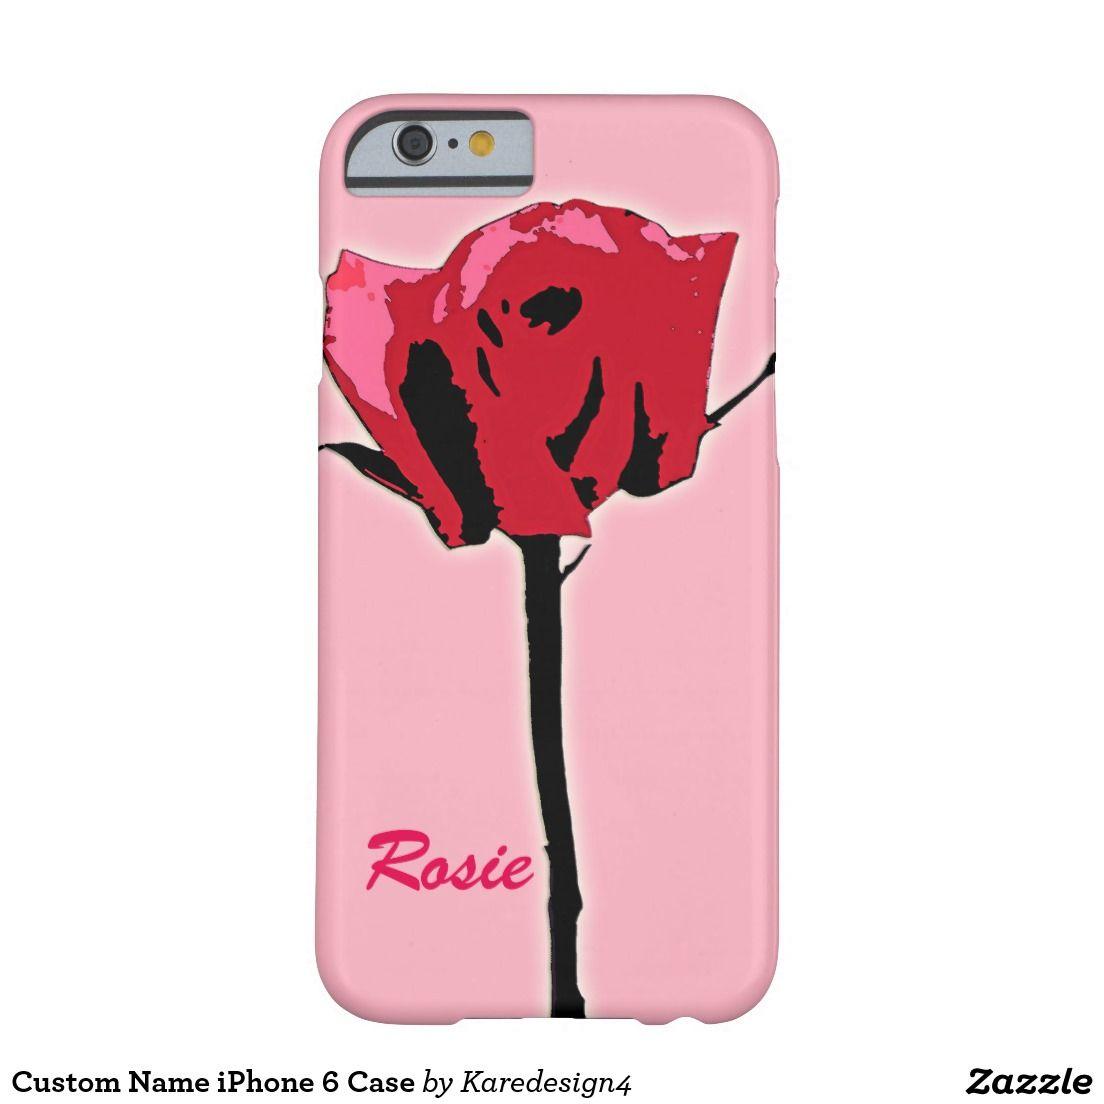 Custom Name iPhone 6 Case